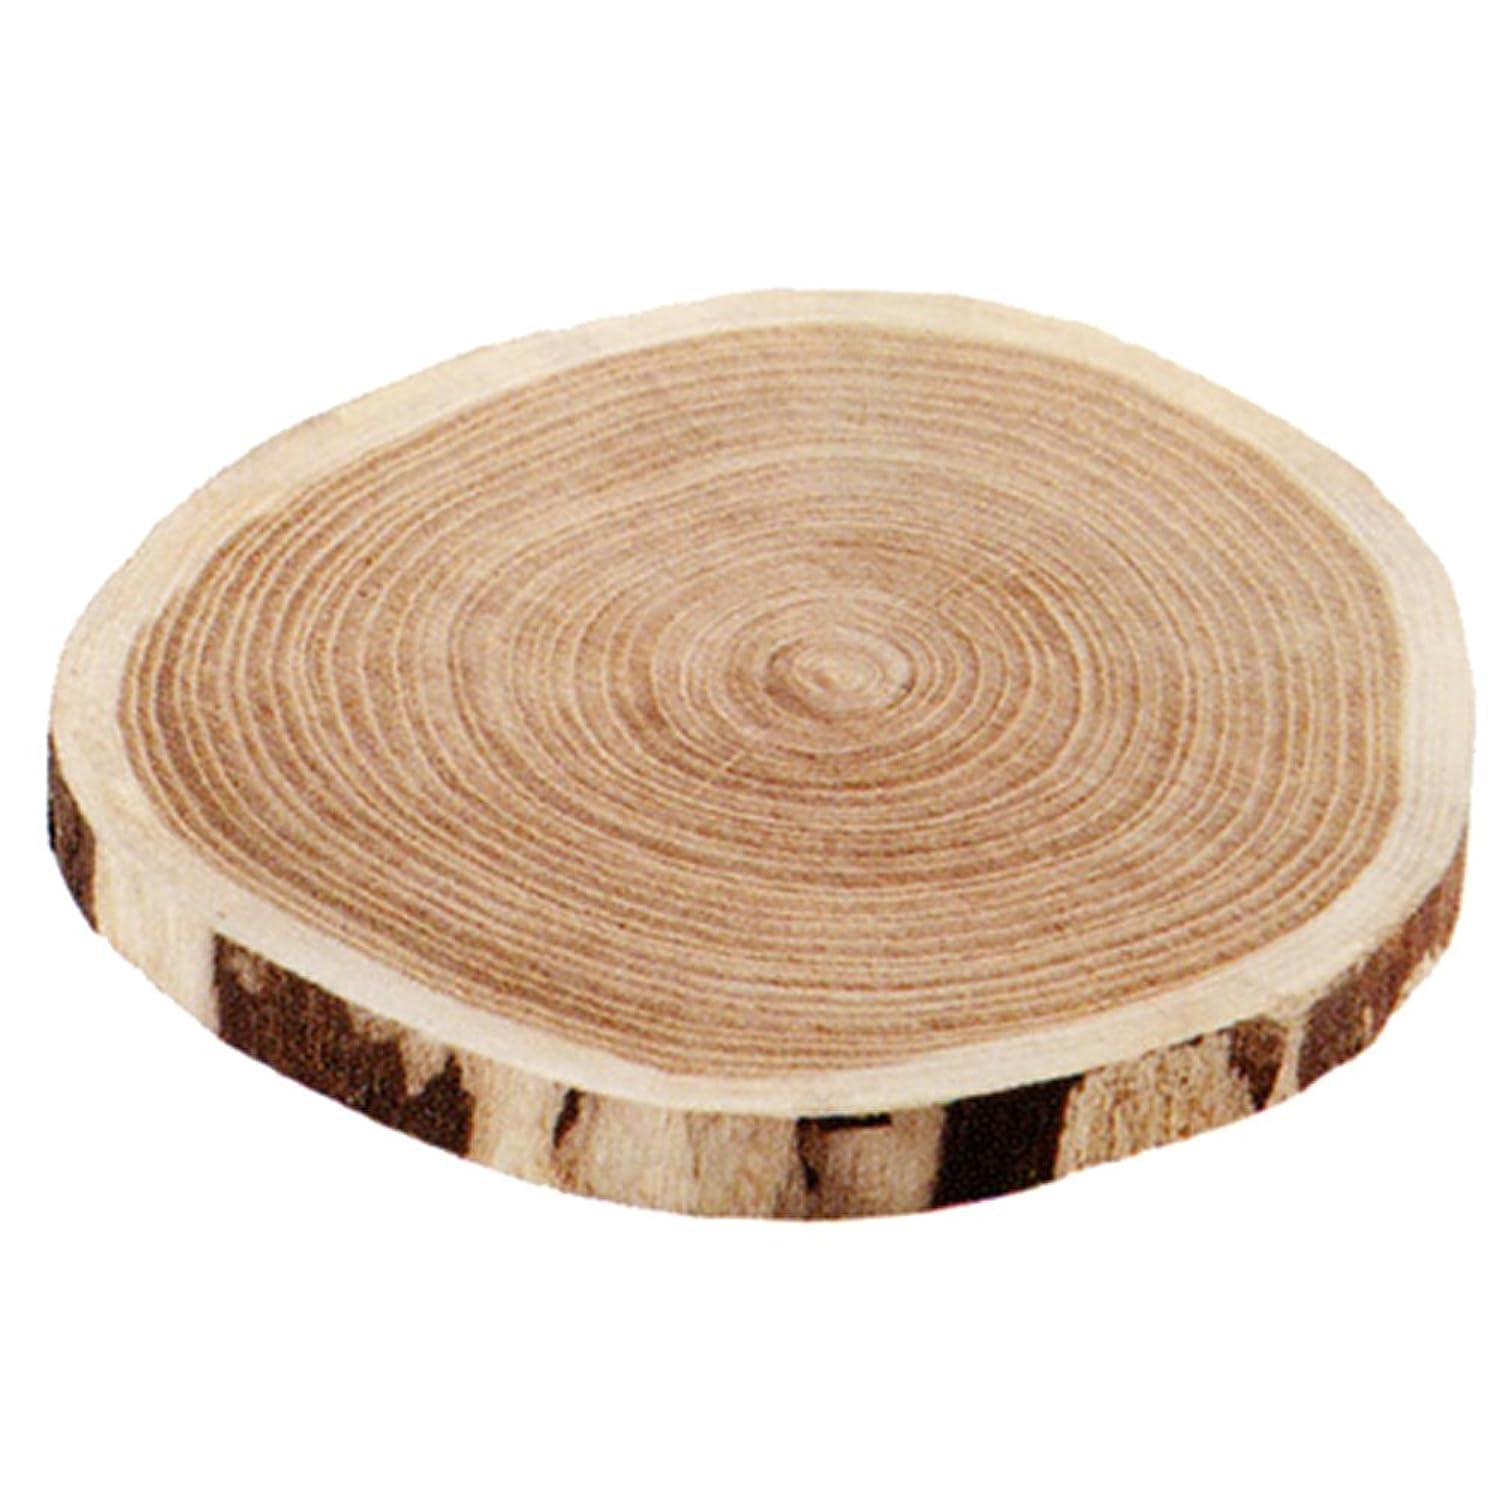 アパートそして省小柳産業 木のバームクーヘン なべ敷き 中 59008